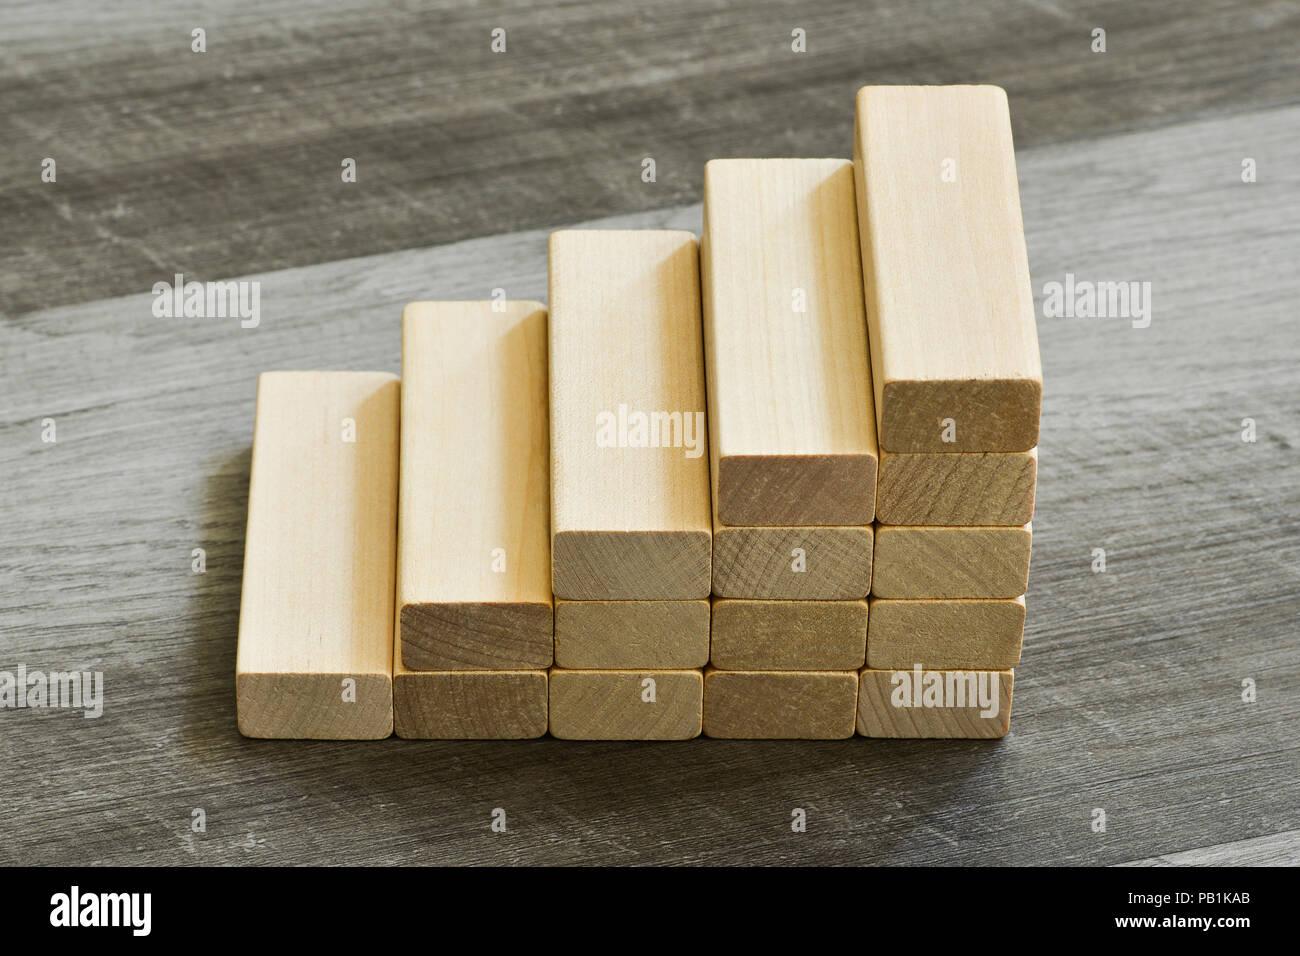 Objectif défi / Concept - escalier vers le haut de blocs gris foncé sur fond de bois Photo Stock